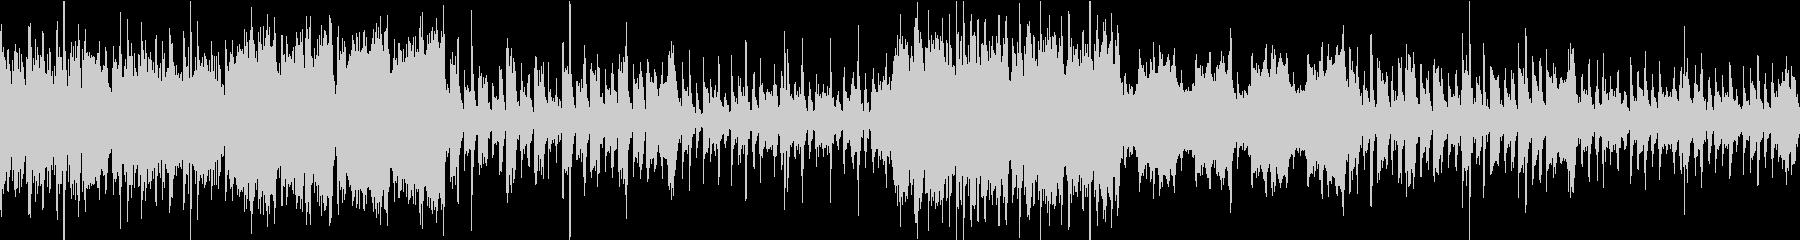 ピアノとストリングス主体のホラー系BGMの未再生の波形